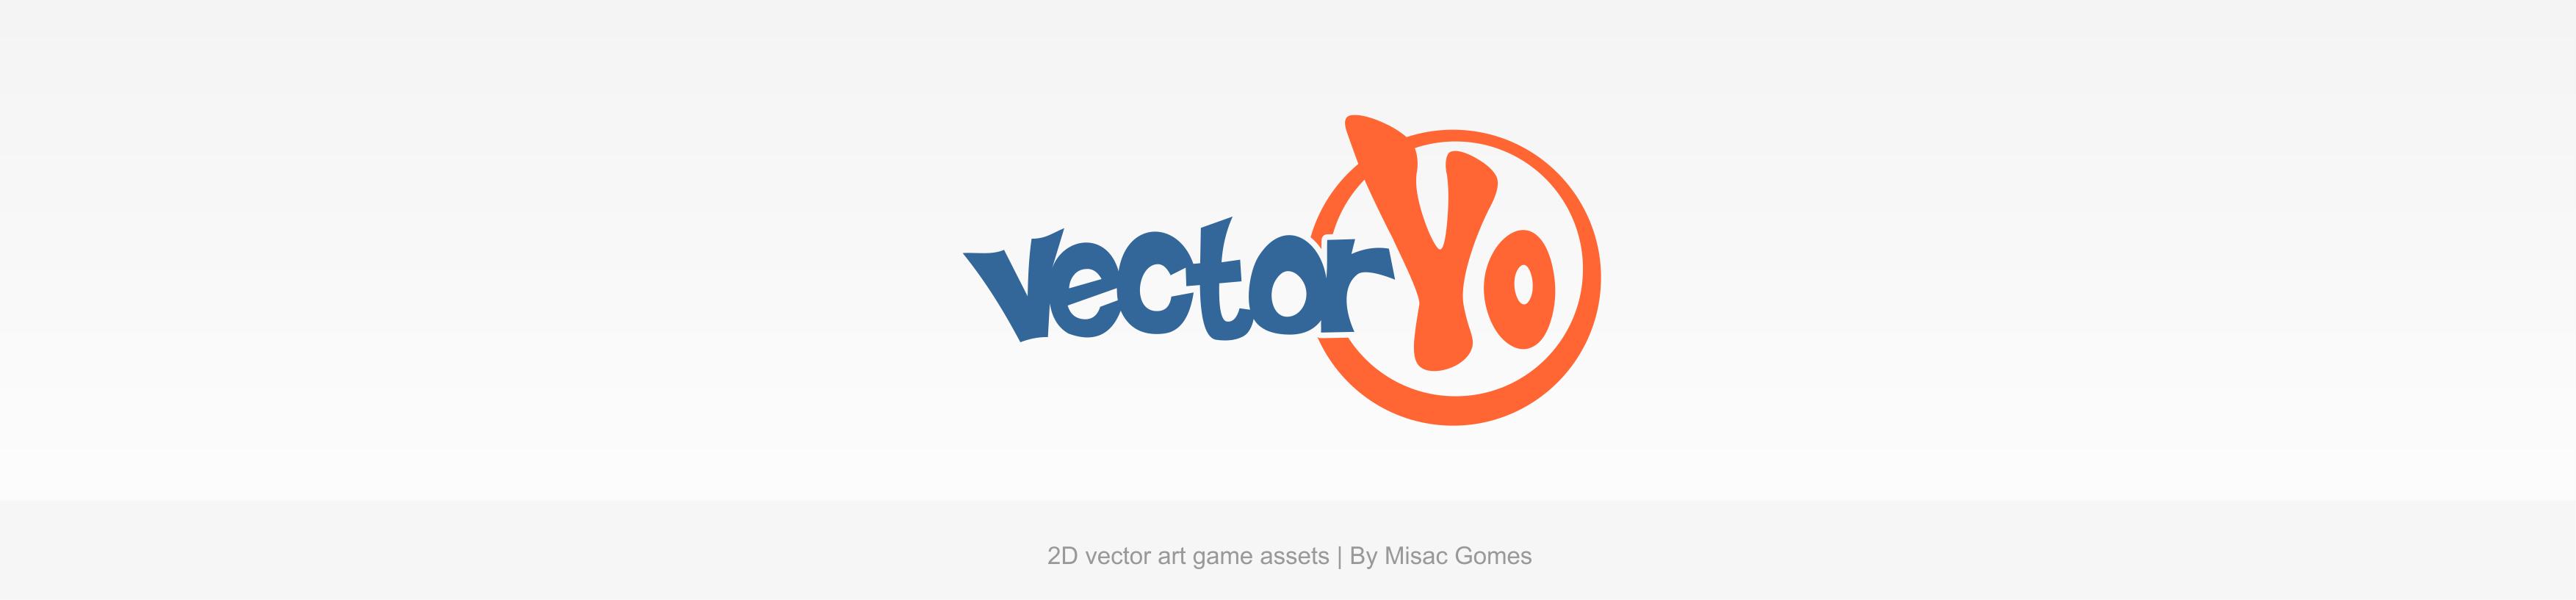 Foxy Vector